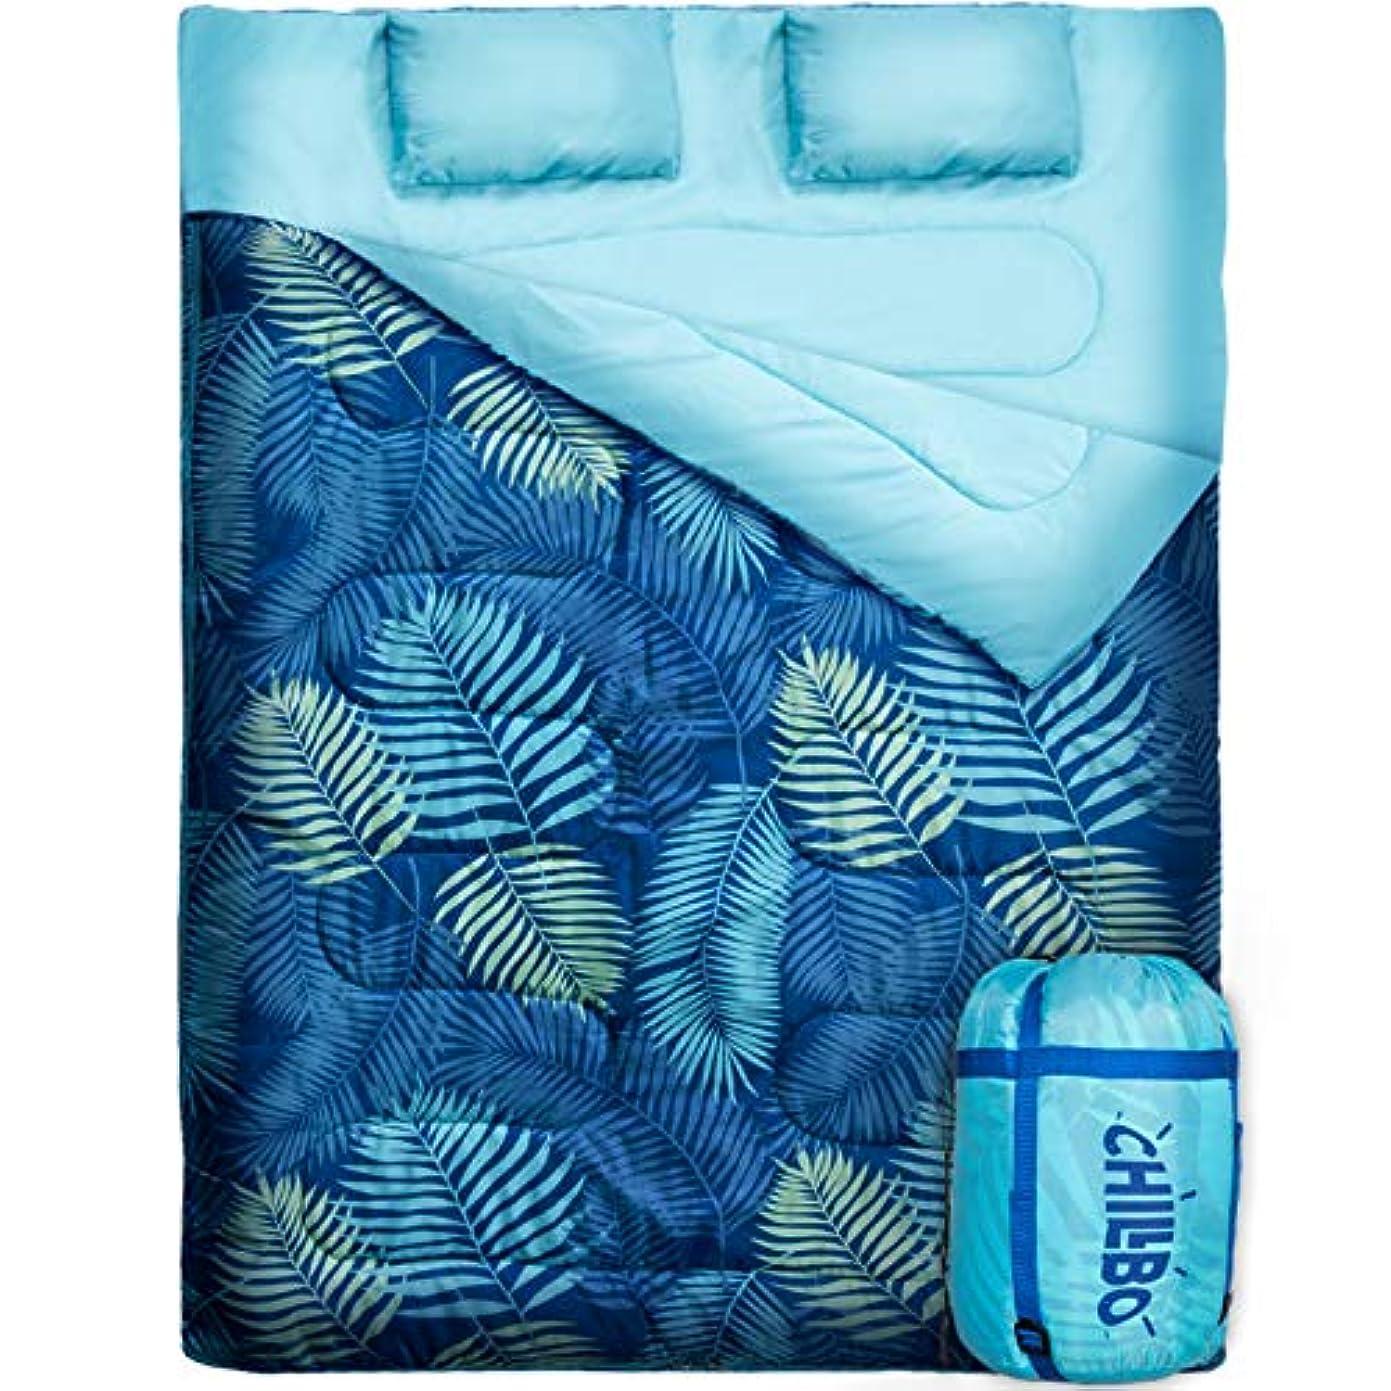 先史時代の憂慮すべきメーカーChillbo Double Sleeping Bag for Adults Queen Sleeping Bag for Backpacking, Camping, Hiking & Music Festivals Cool Patterns Queen Size XL 2 Person Sleeping Bags for Adults (Blue Leaf) 141[並行輸入]